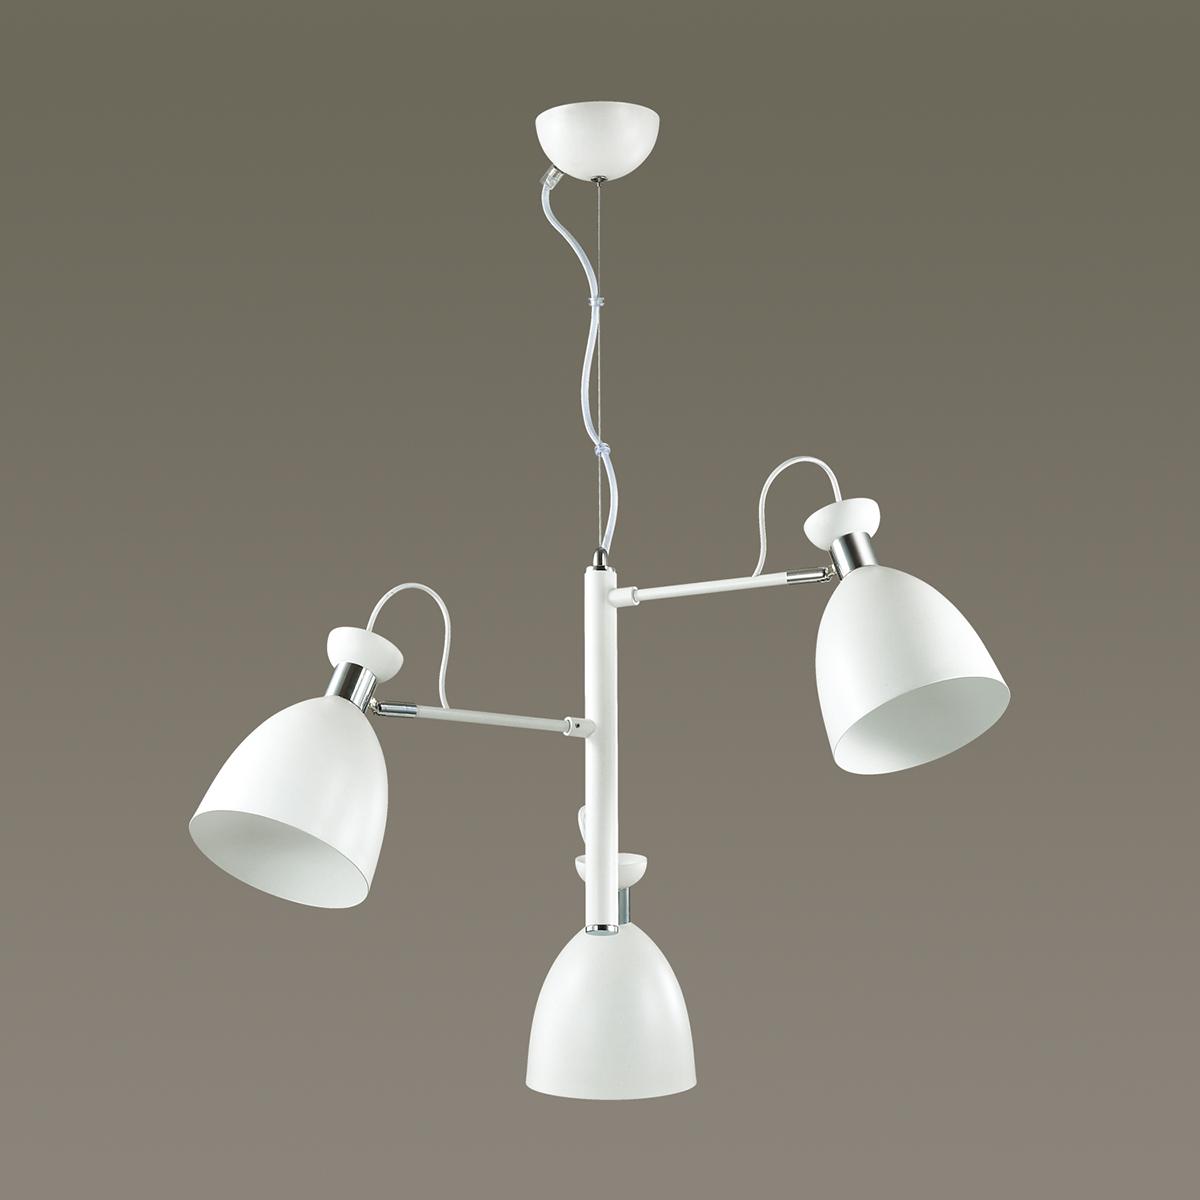 Подвесная люстра с регулировкой направления света Lumion Kizzy 3734/3, 3xE27x60W, белый, хром, металл - фото 4